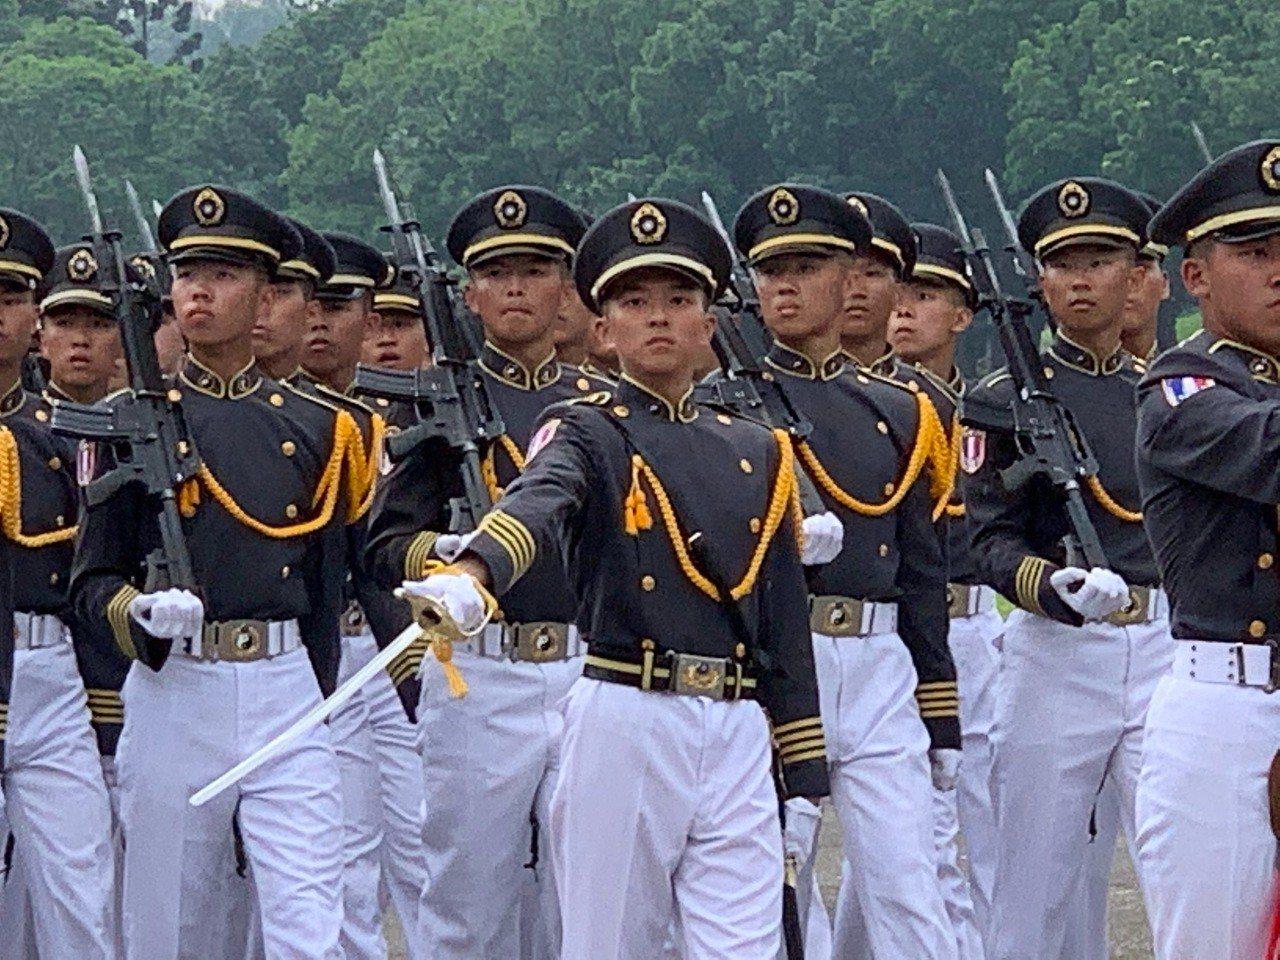 陸軍官校舉行95周年校慶典禮,由國防部長嚴德發主持,現場有盛大陸空分列式。 記者...